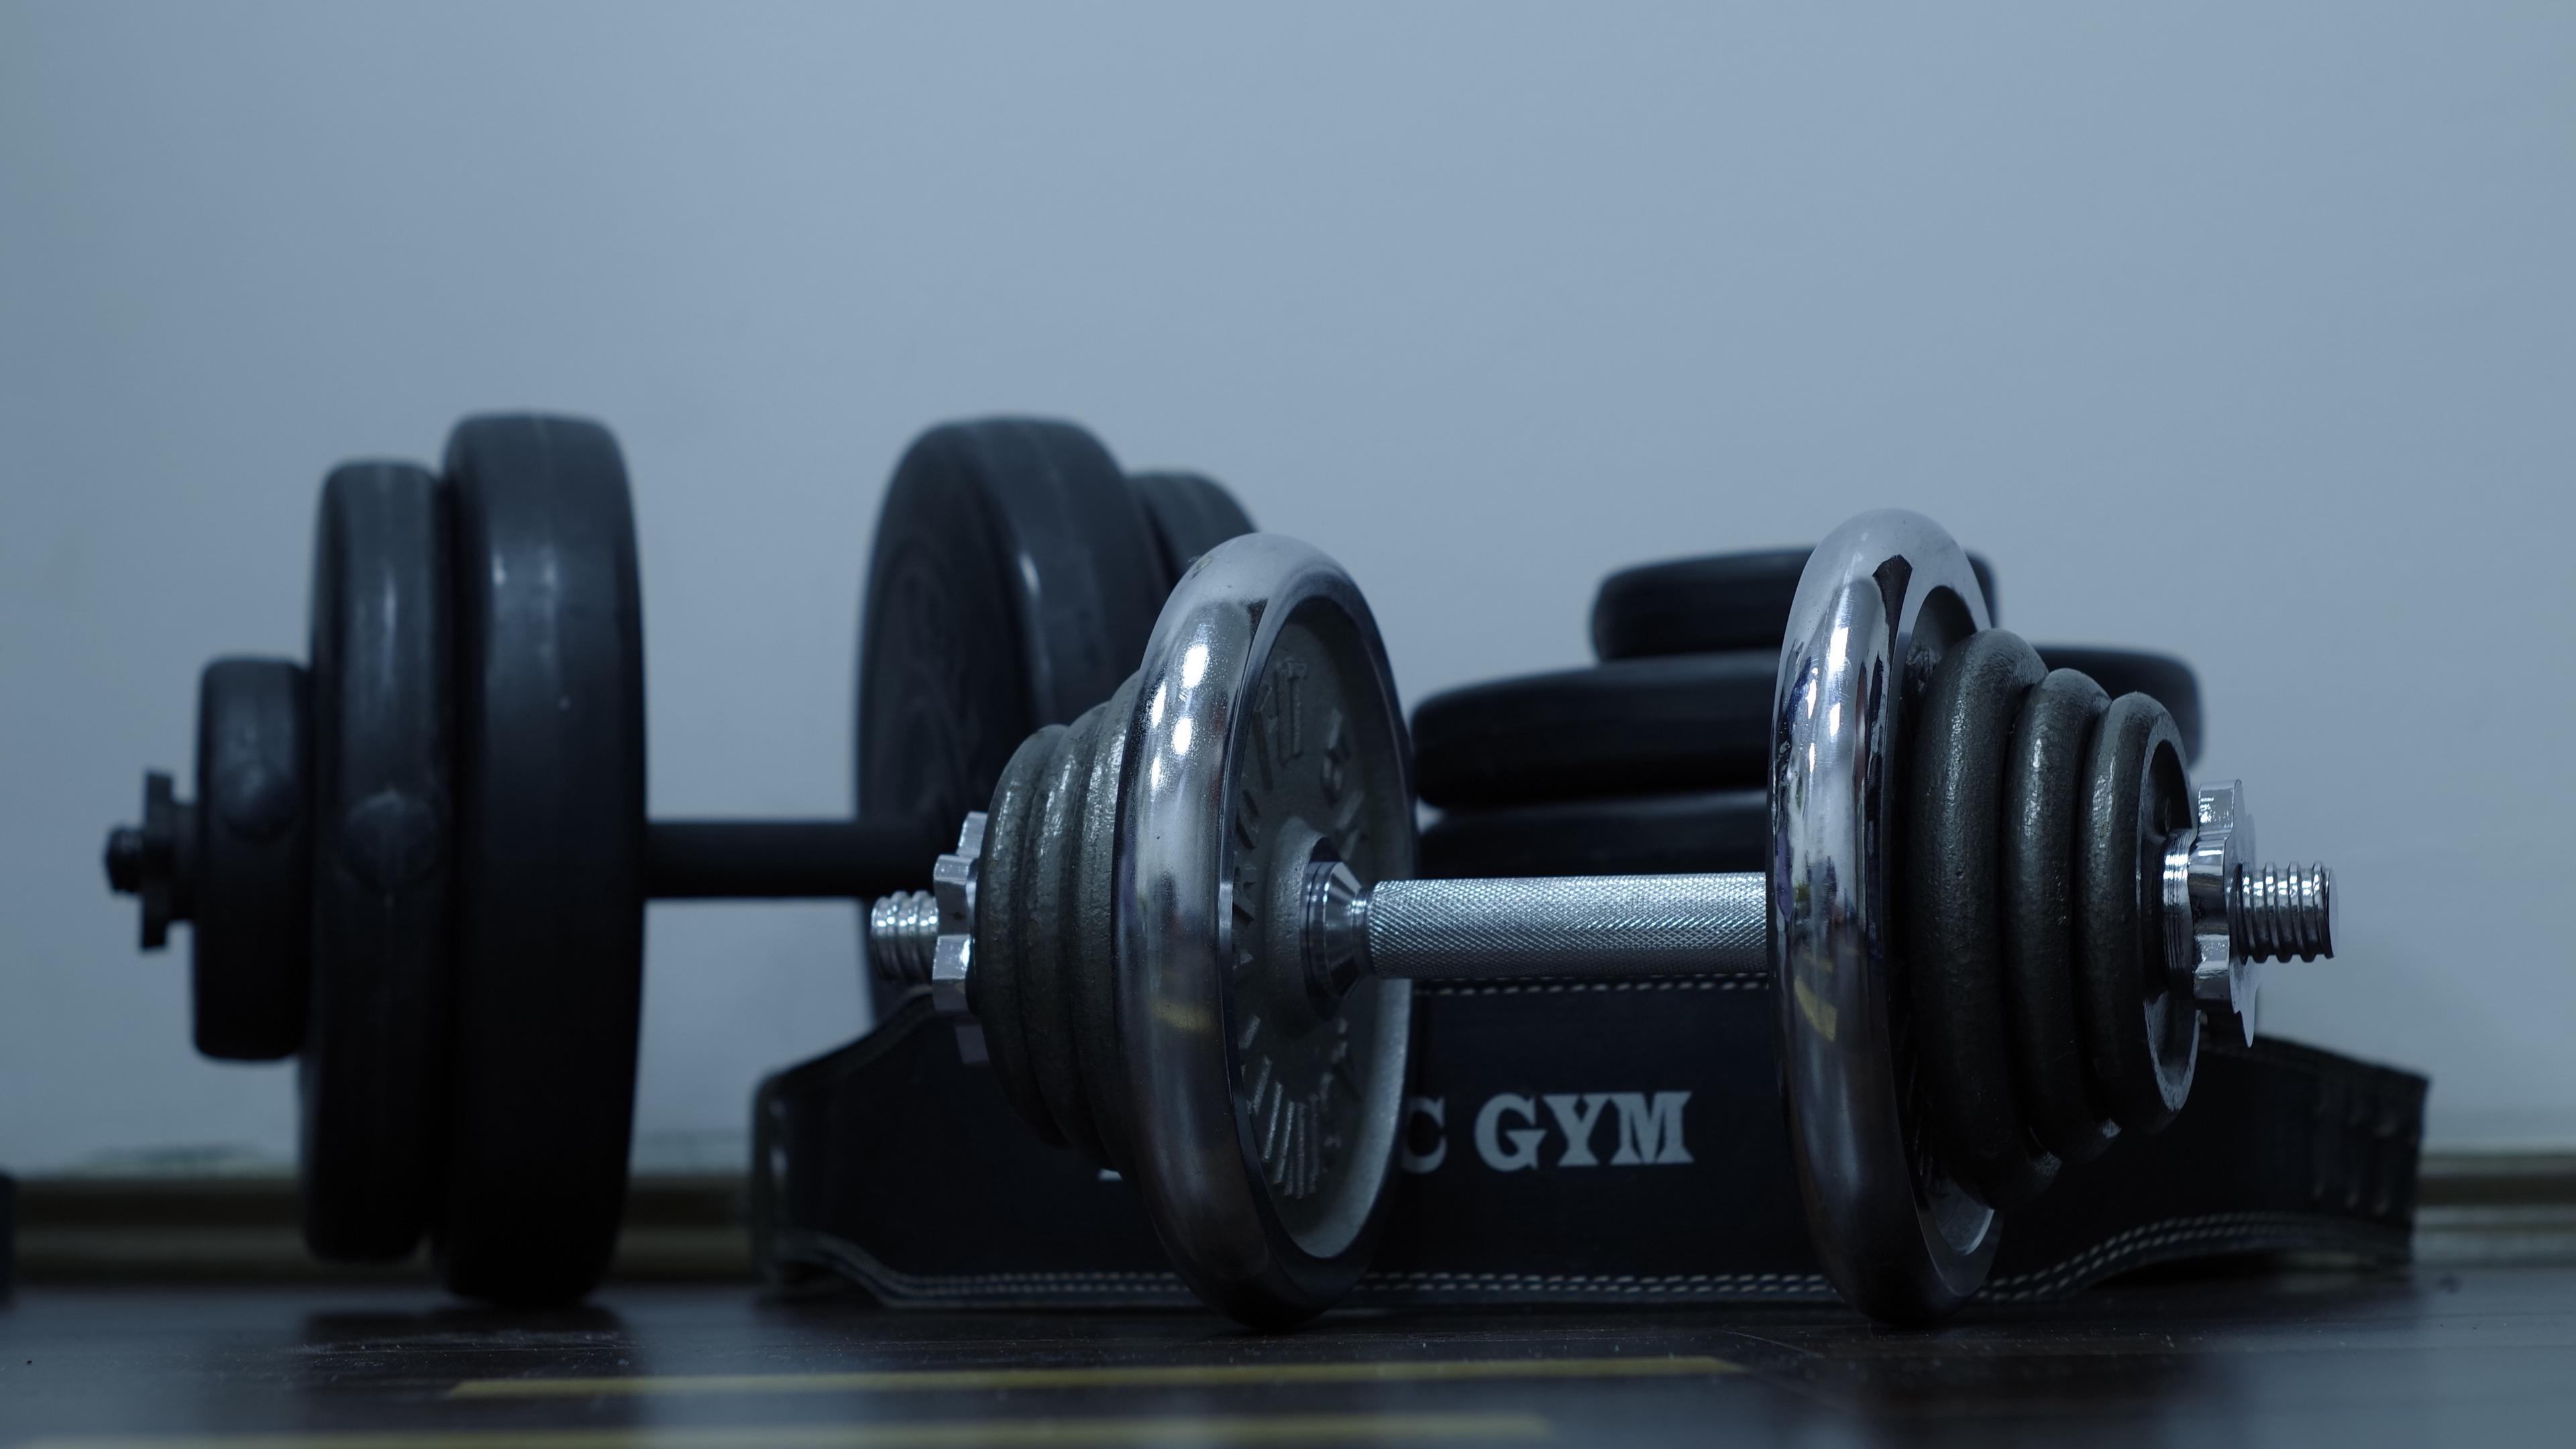 dumbbells gym weight disks 4k 1540063283 - dumbbells, gym, weight, disks 4k - weight, gym, dumbbells